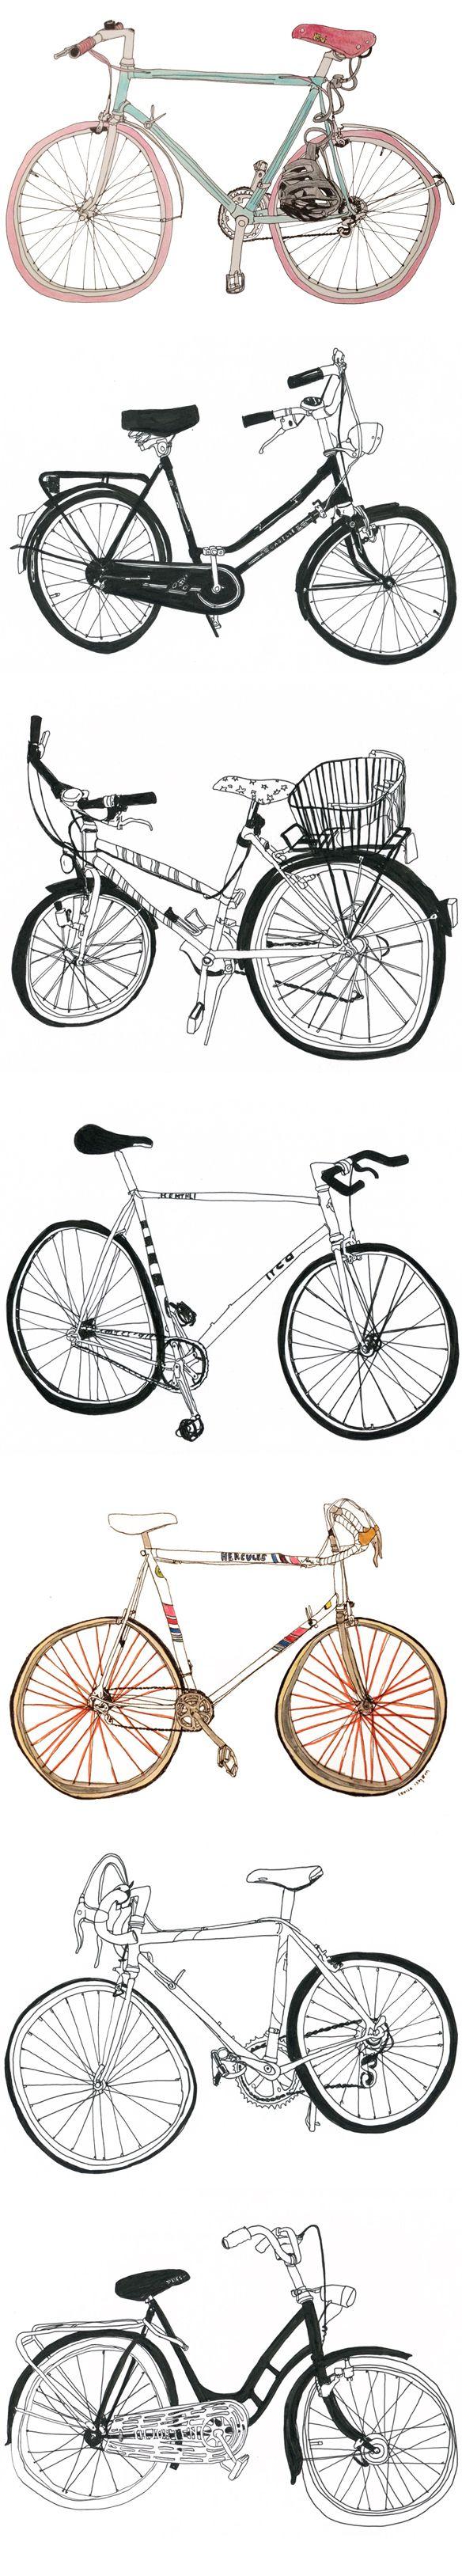 MarionTaschler_bikes.jpg 584×3,255 pixels